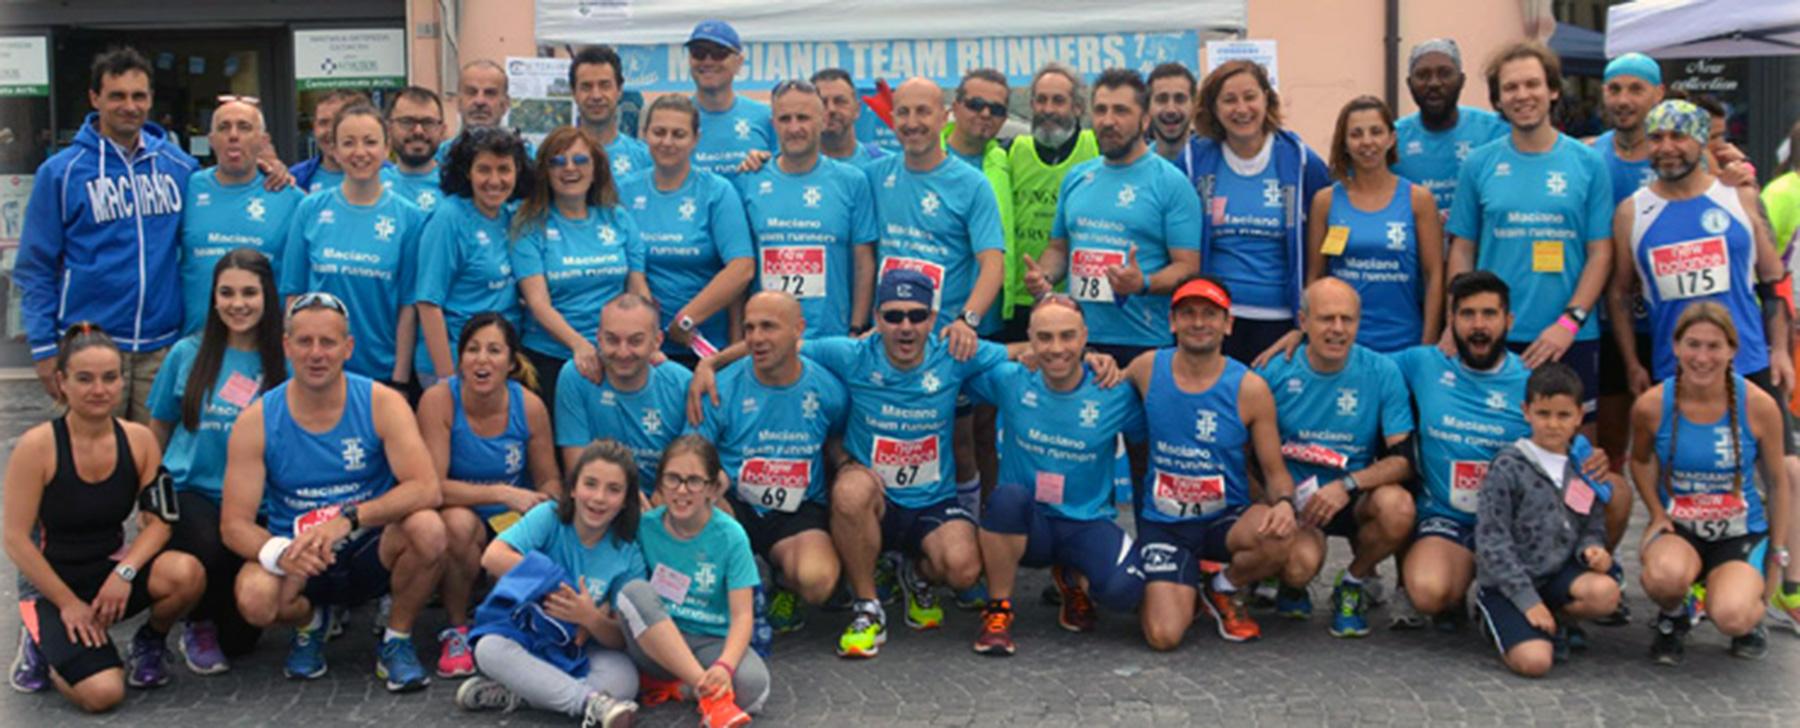 Maciano Team Runners